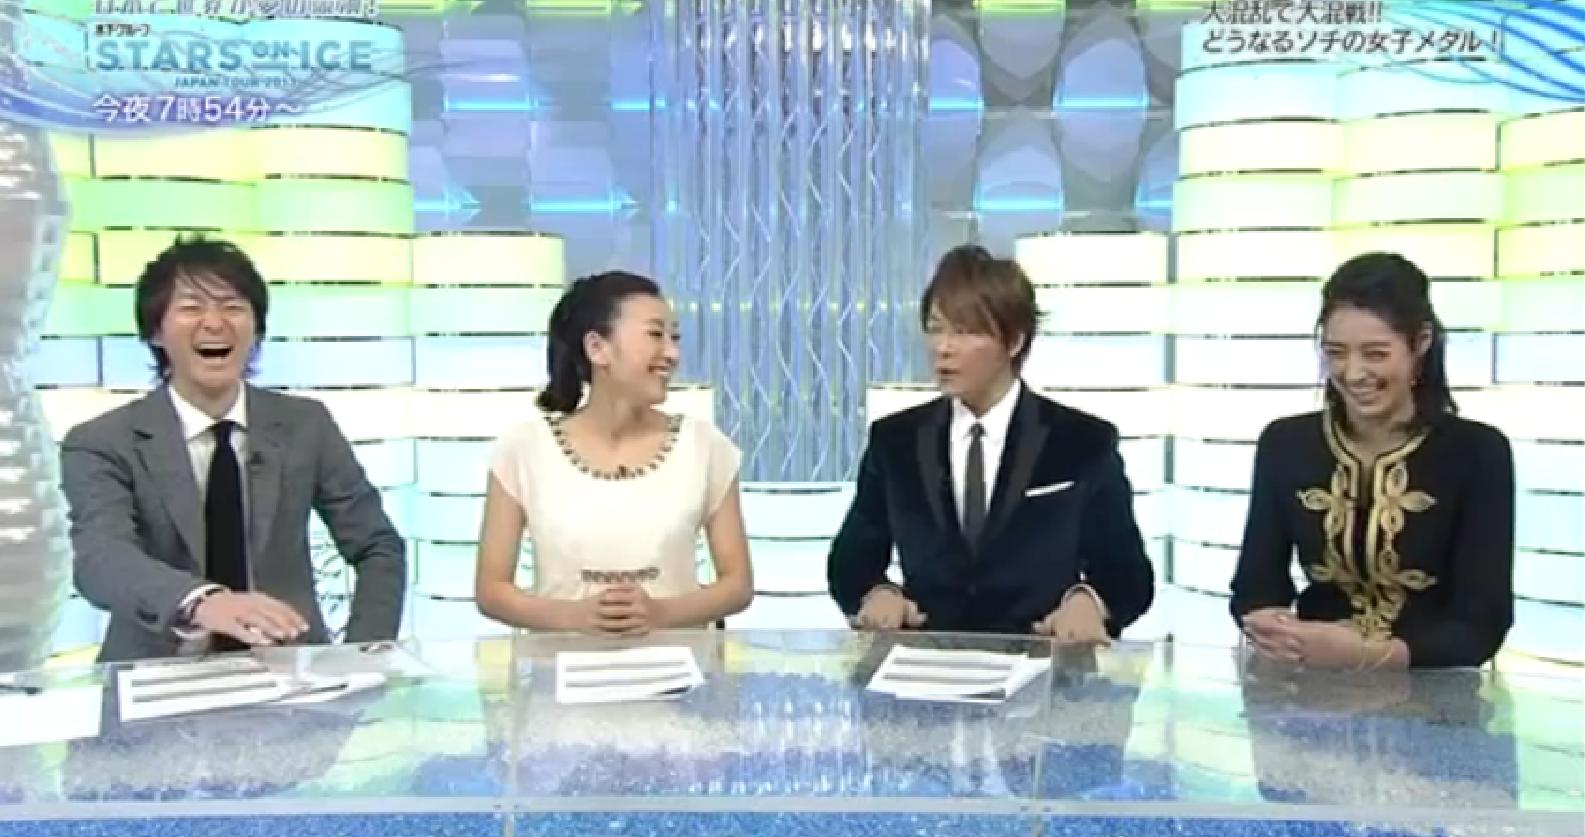 浅田舞、キム・ヨナ最高得点を批判しスケート連盟に叱られる